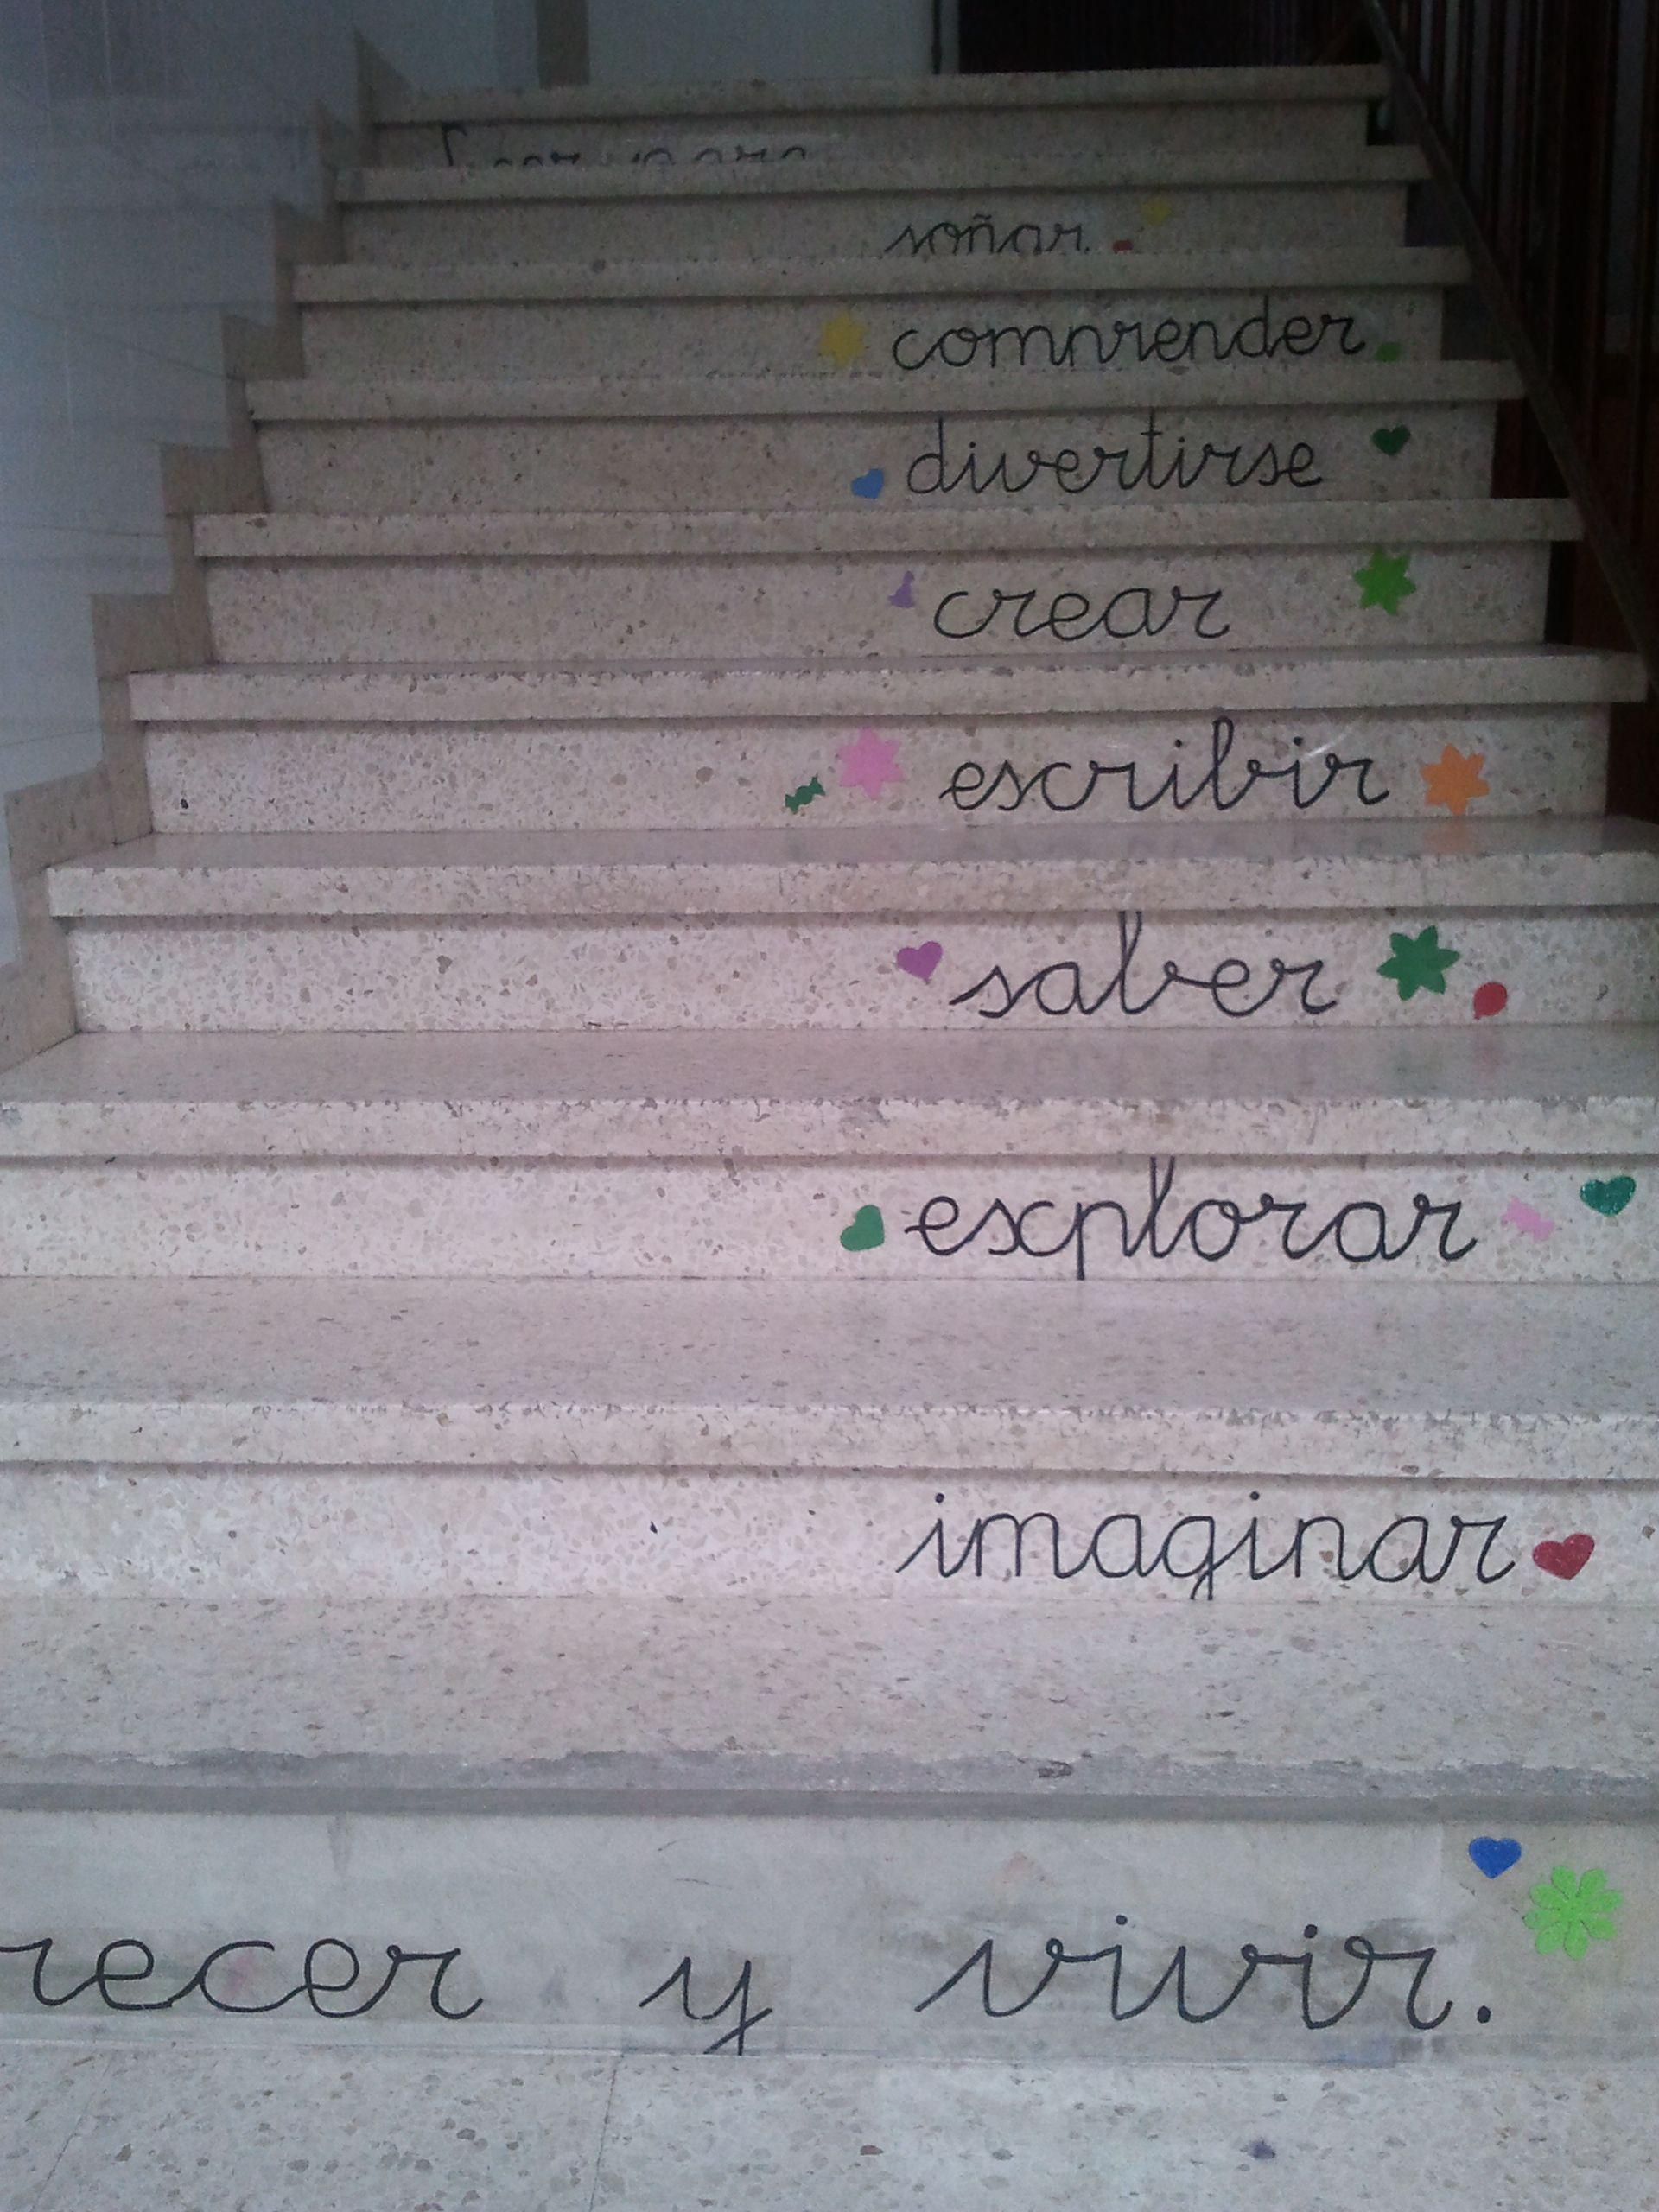 Primer tramo de escaleras que conduce hacia la biblioteca - Escalera de biblioteca ...